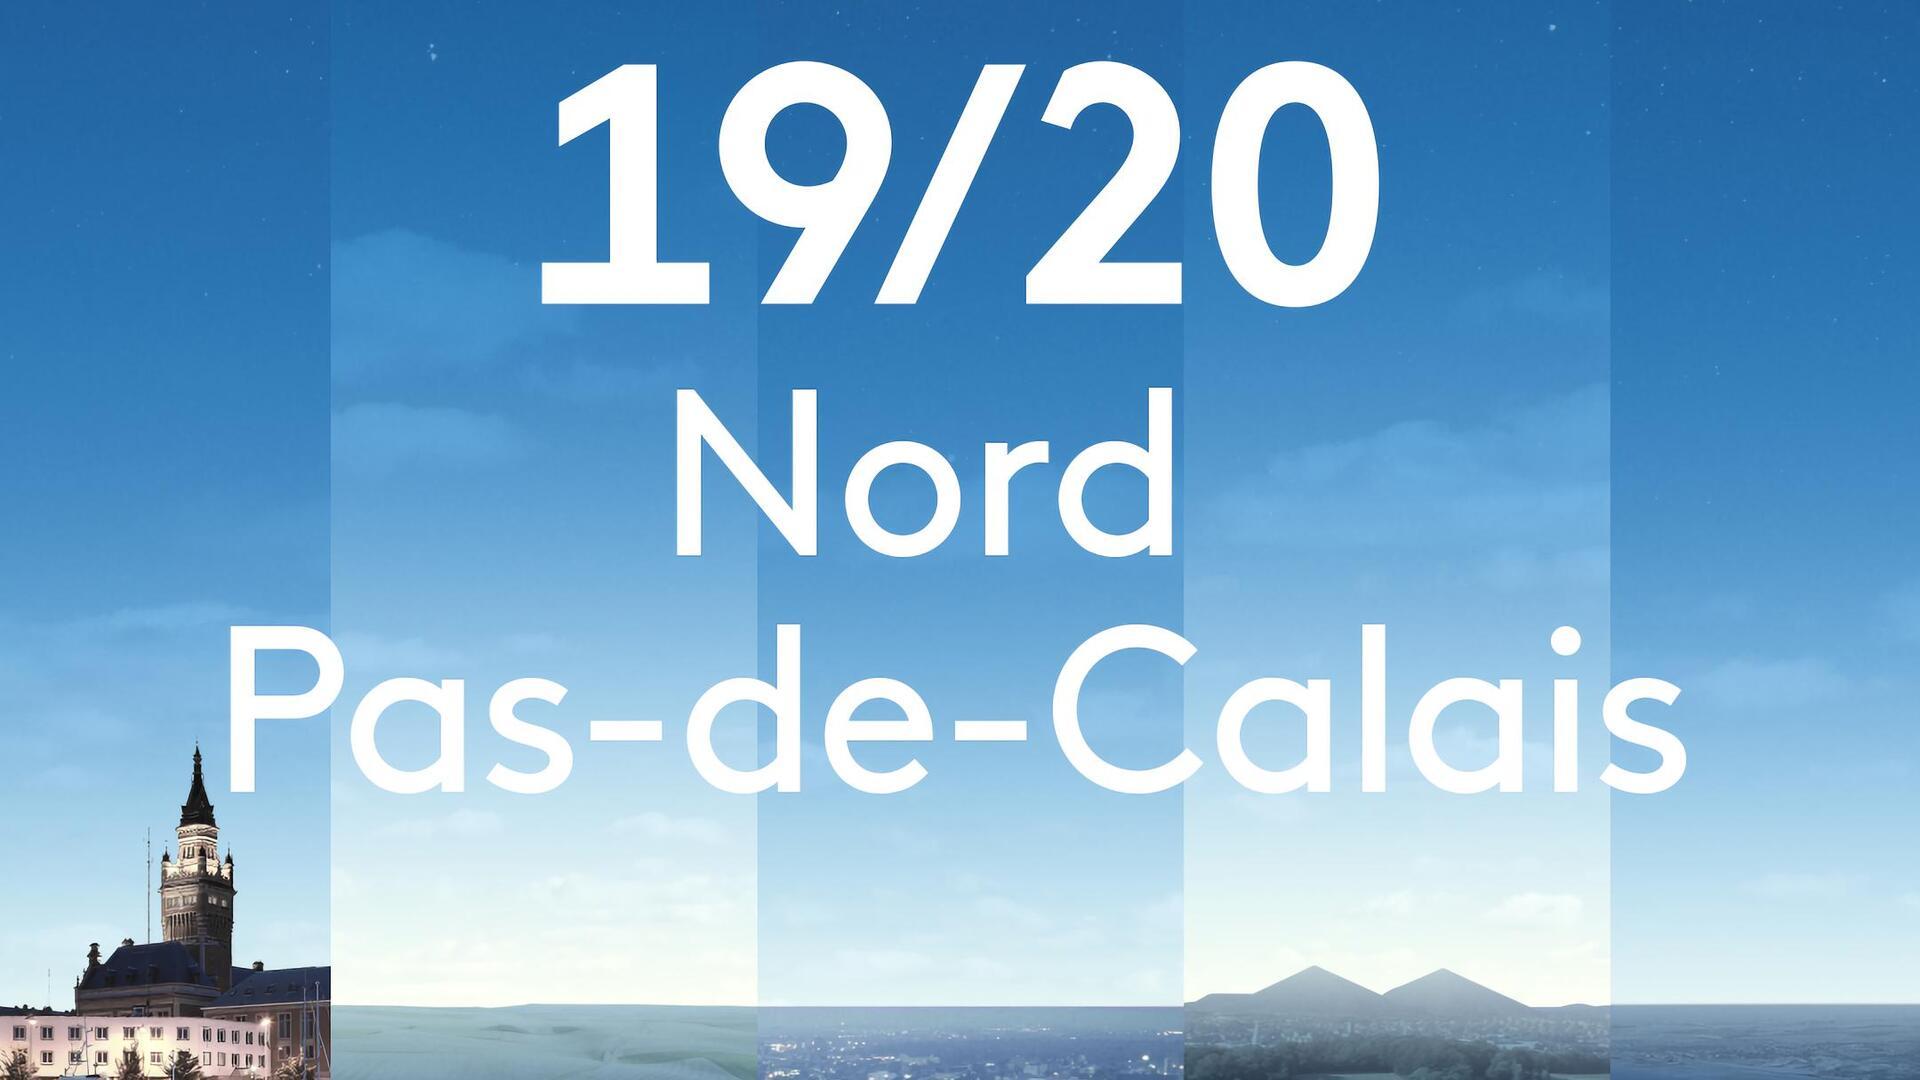 19/20 Nord Pas-de-Calais